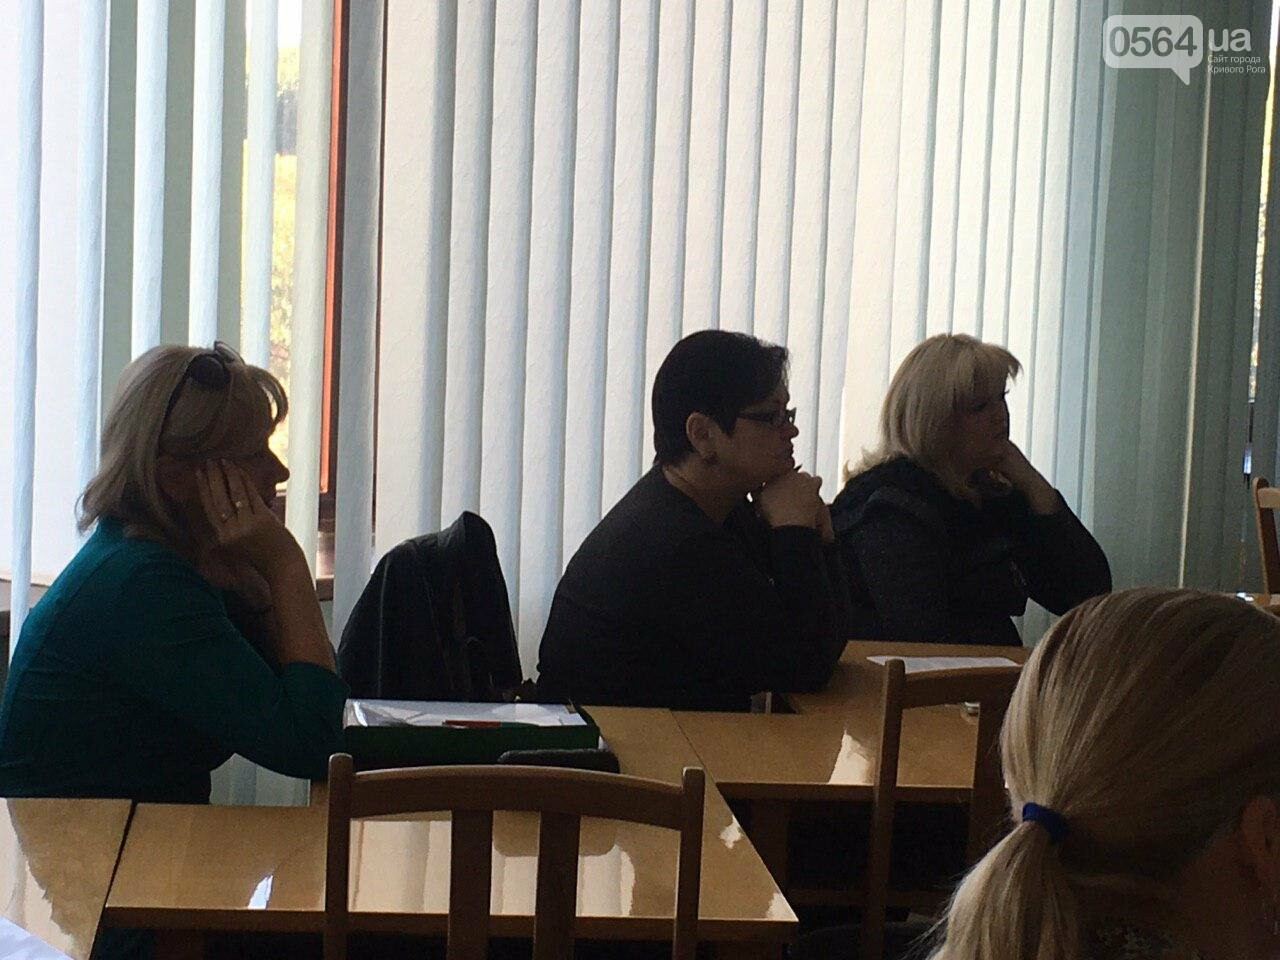 Депутаты Криворожского горсовета обсудили, куда и когда перенесут из зоны обрушения детский сад, - ФОТО , фото-1